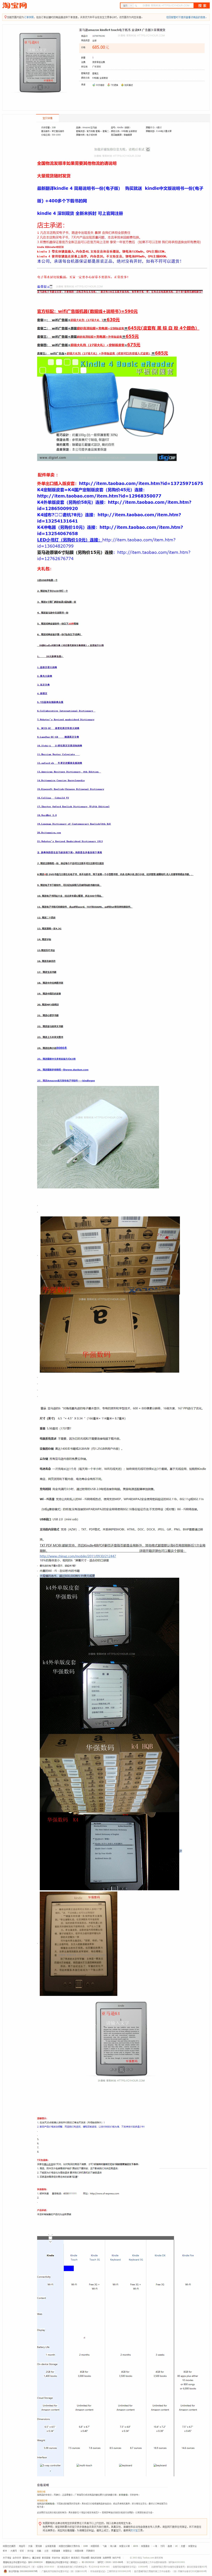 亚马逊 Amazon Kindle 4 电子纸书 广告版~-垃圾站